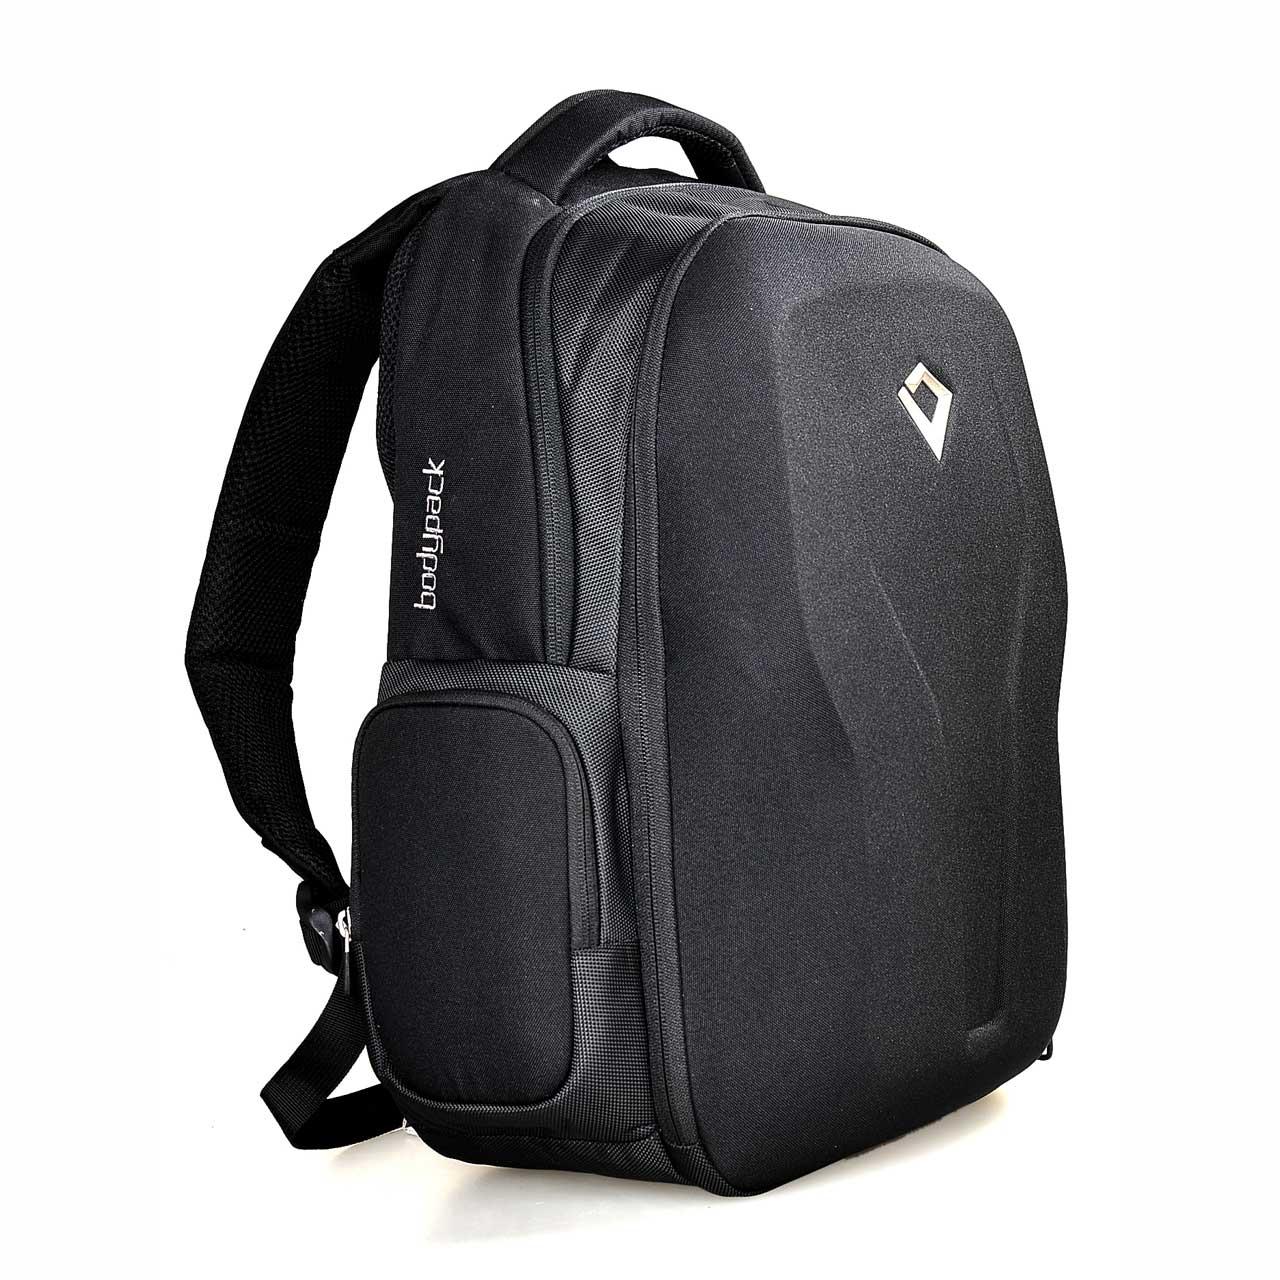 Tas ransel Bodypack Tortoise III diperuntukkan memuat laptop dengan layar  berukuran 14 inch 7de5eb65a4